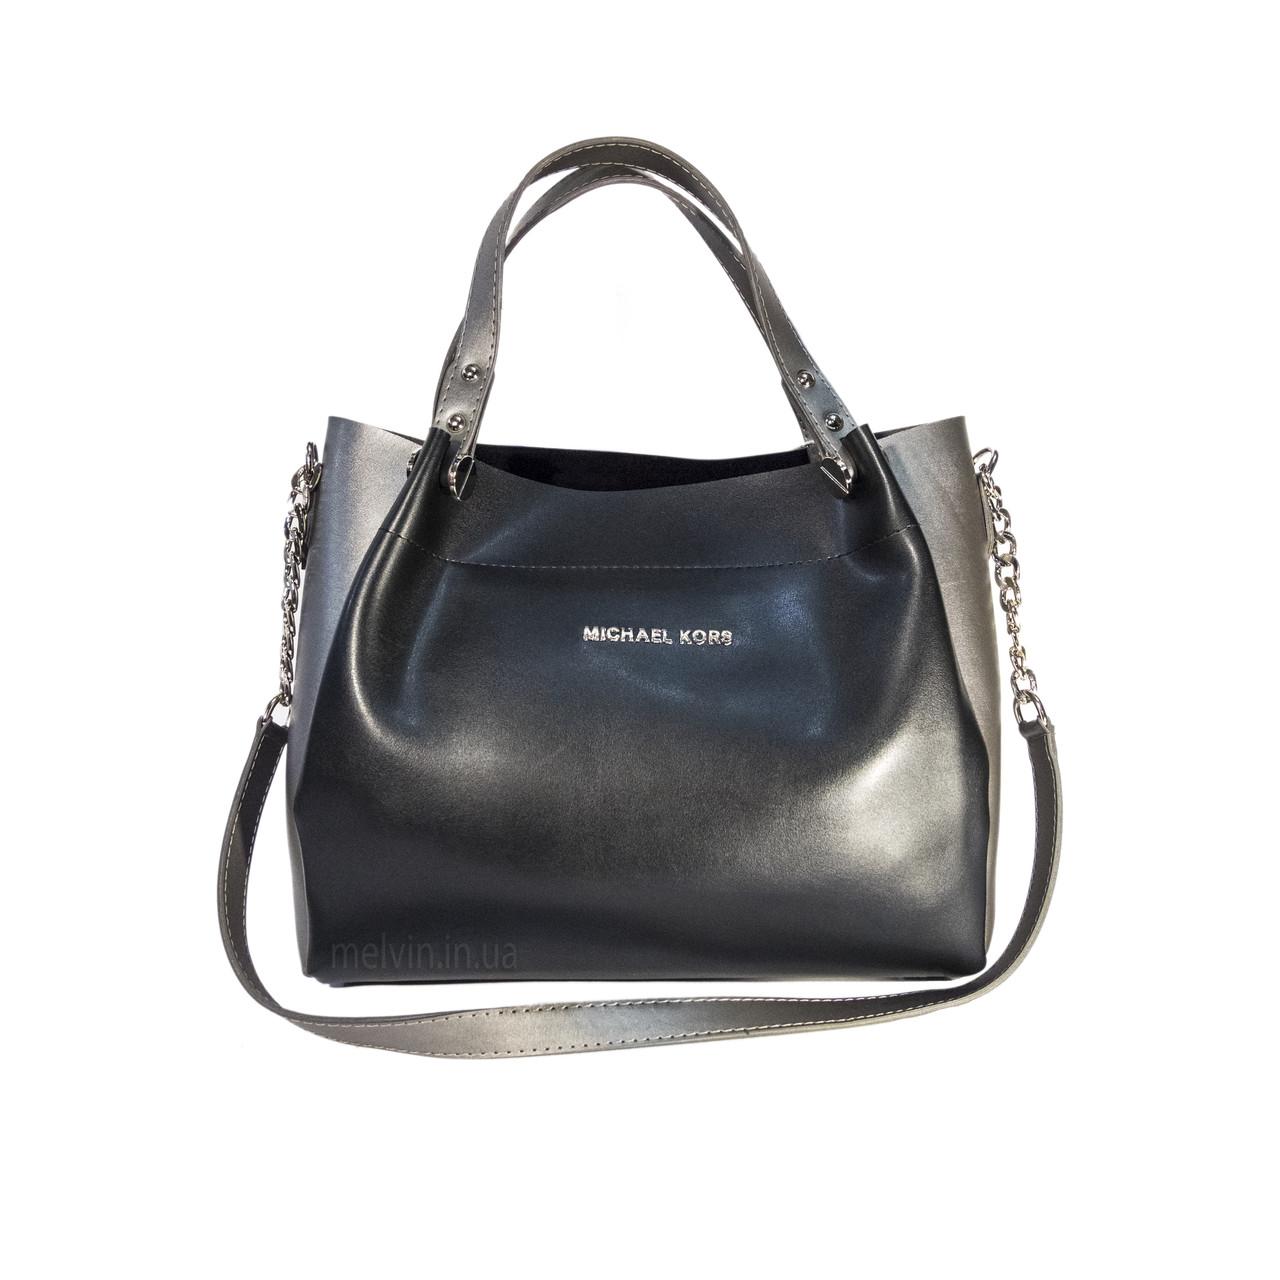 Женская сумочка в стиле Michael Kors черная с серебристым